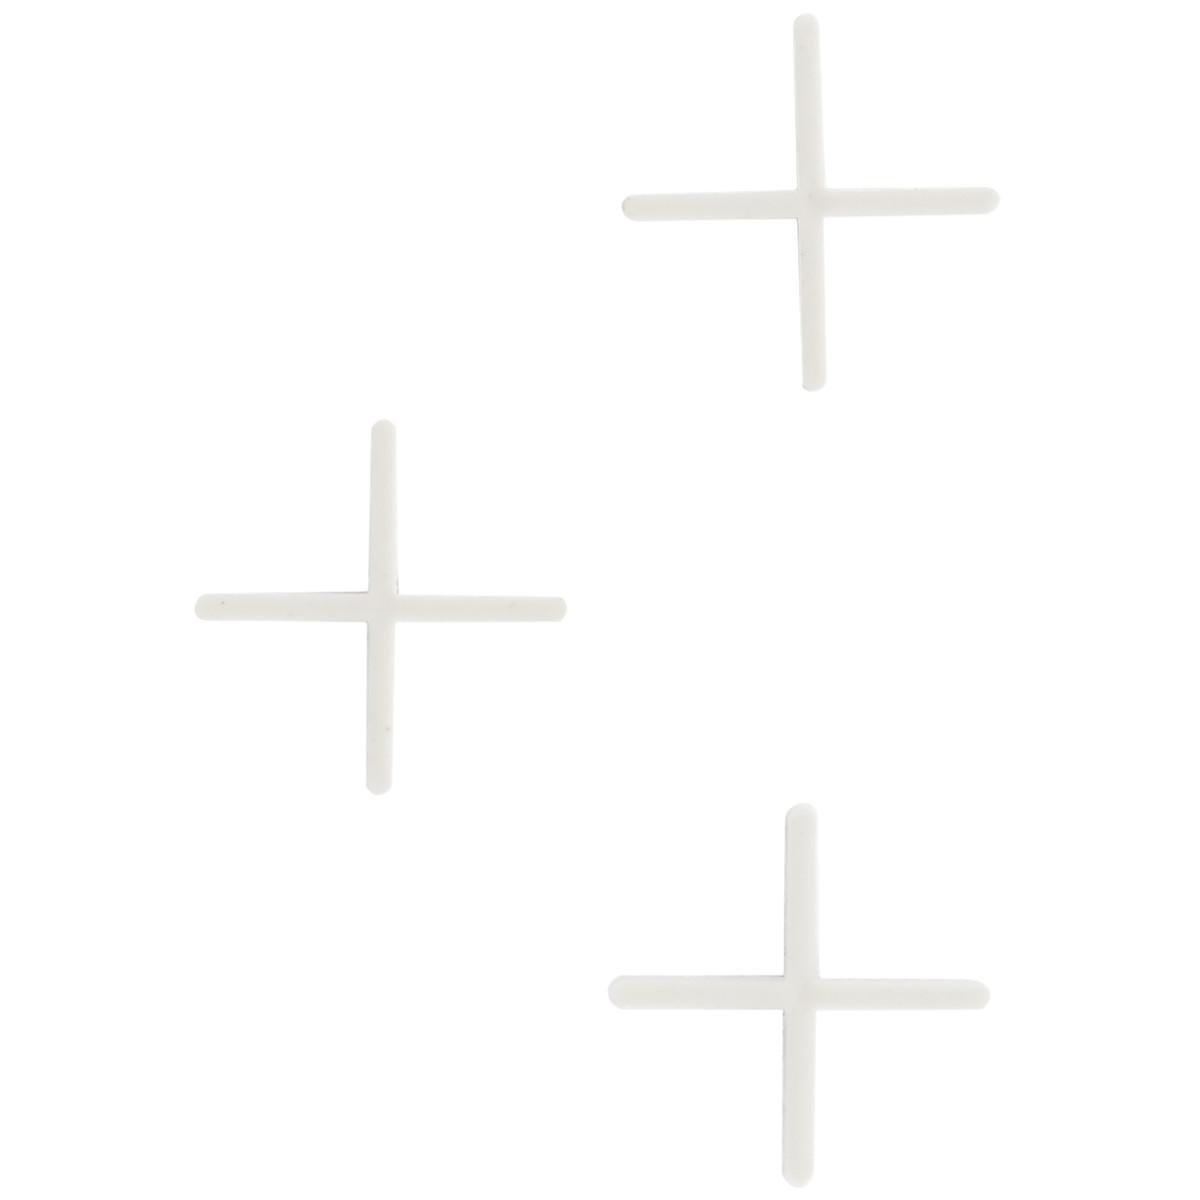 Крестики для кафельной плитки 1.5 мм 200 шт.